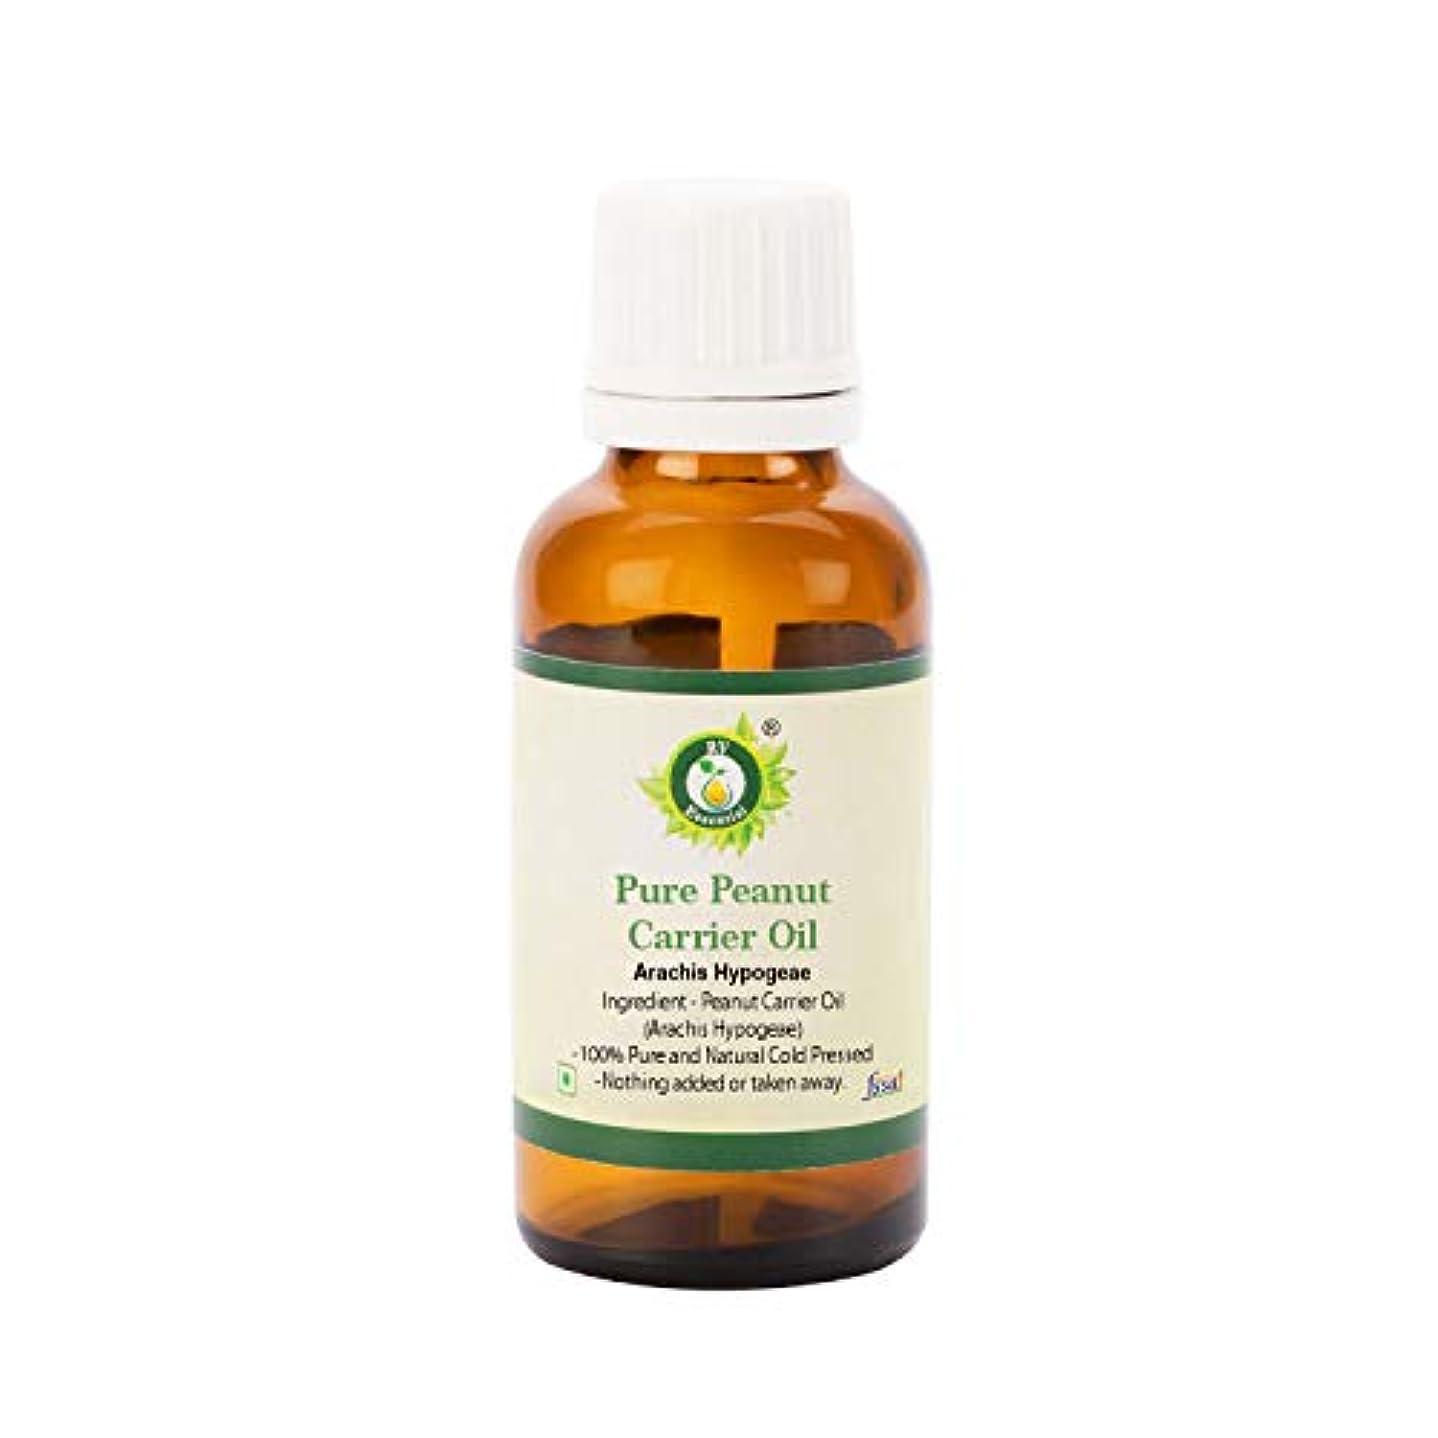 アミューズメント番号毒R V Essential 純粋なピーナッツキャリアオイル5ml (0.169oz)- Arachis Hypogeae (100%ピュア&ナチュラルコールドPressed) Pure Peanut Carrier Oil